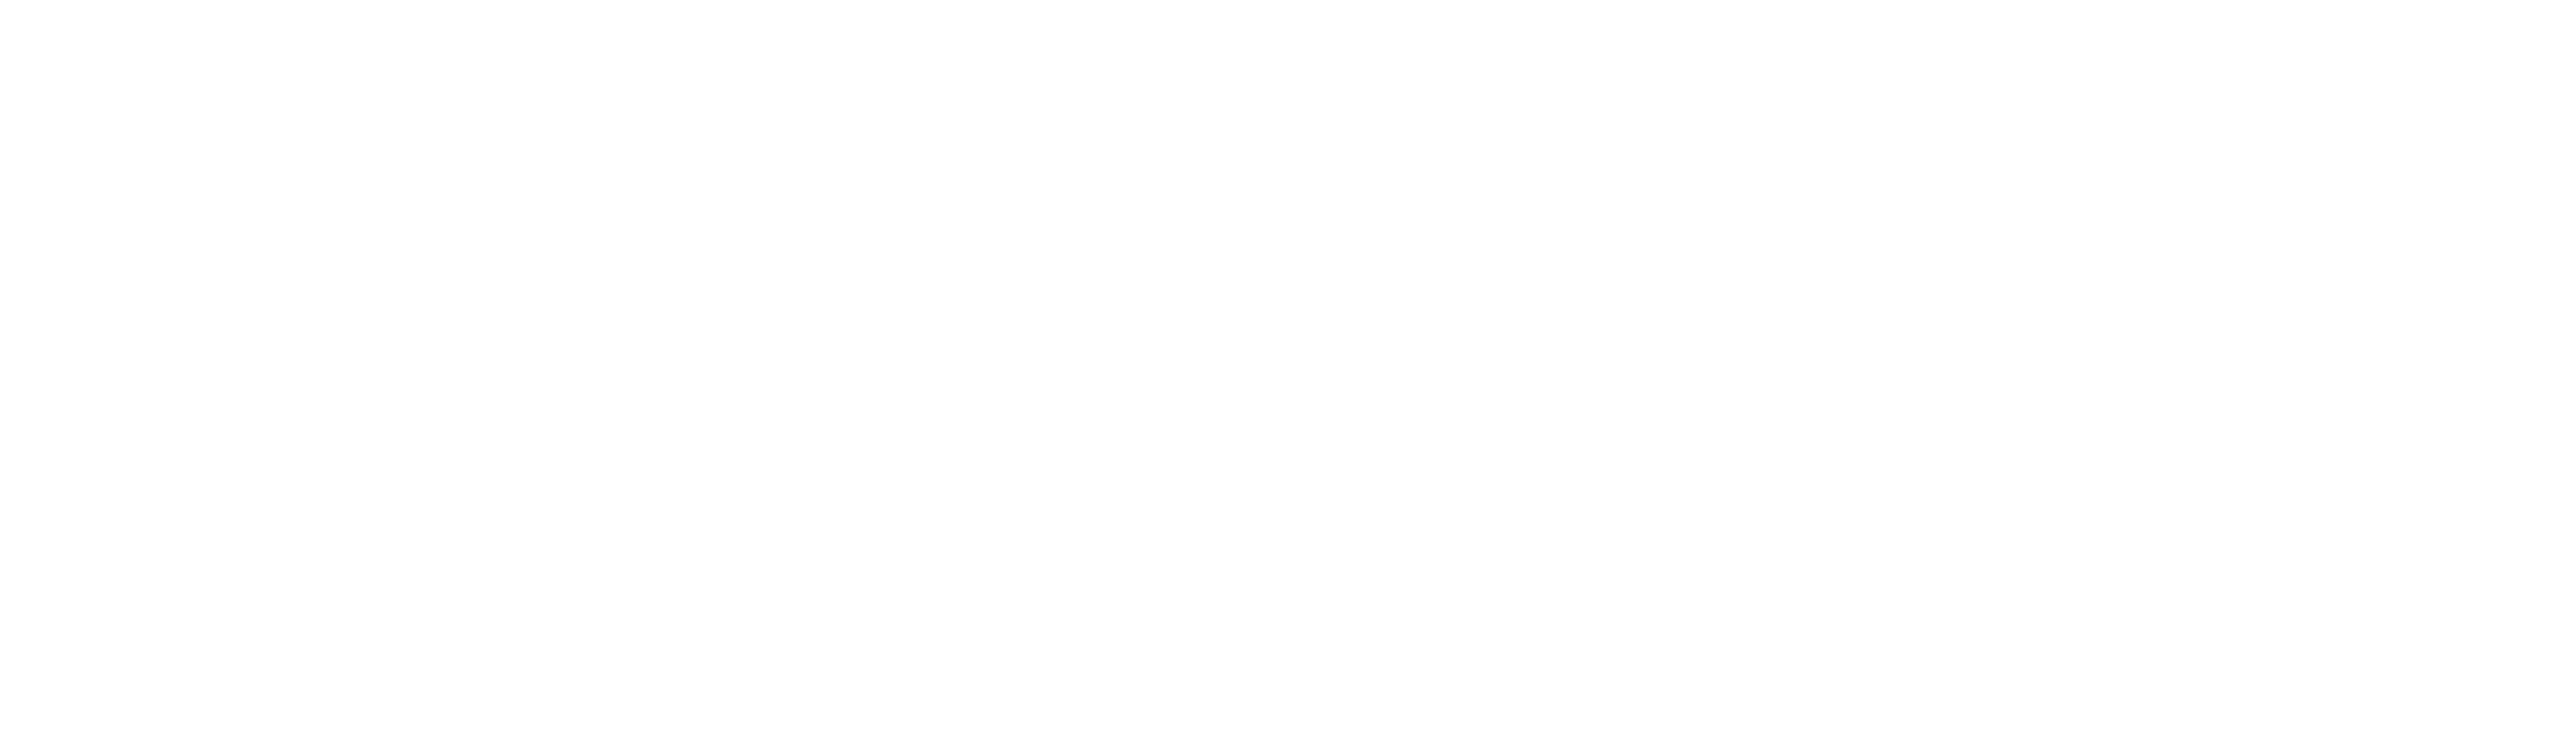 Steinbock Klosters